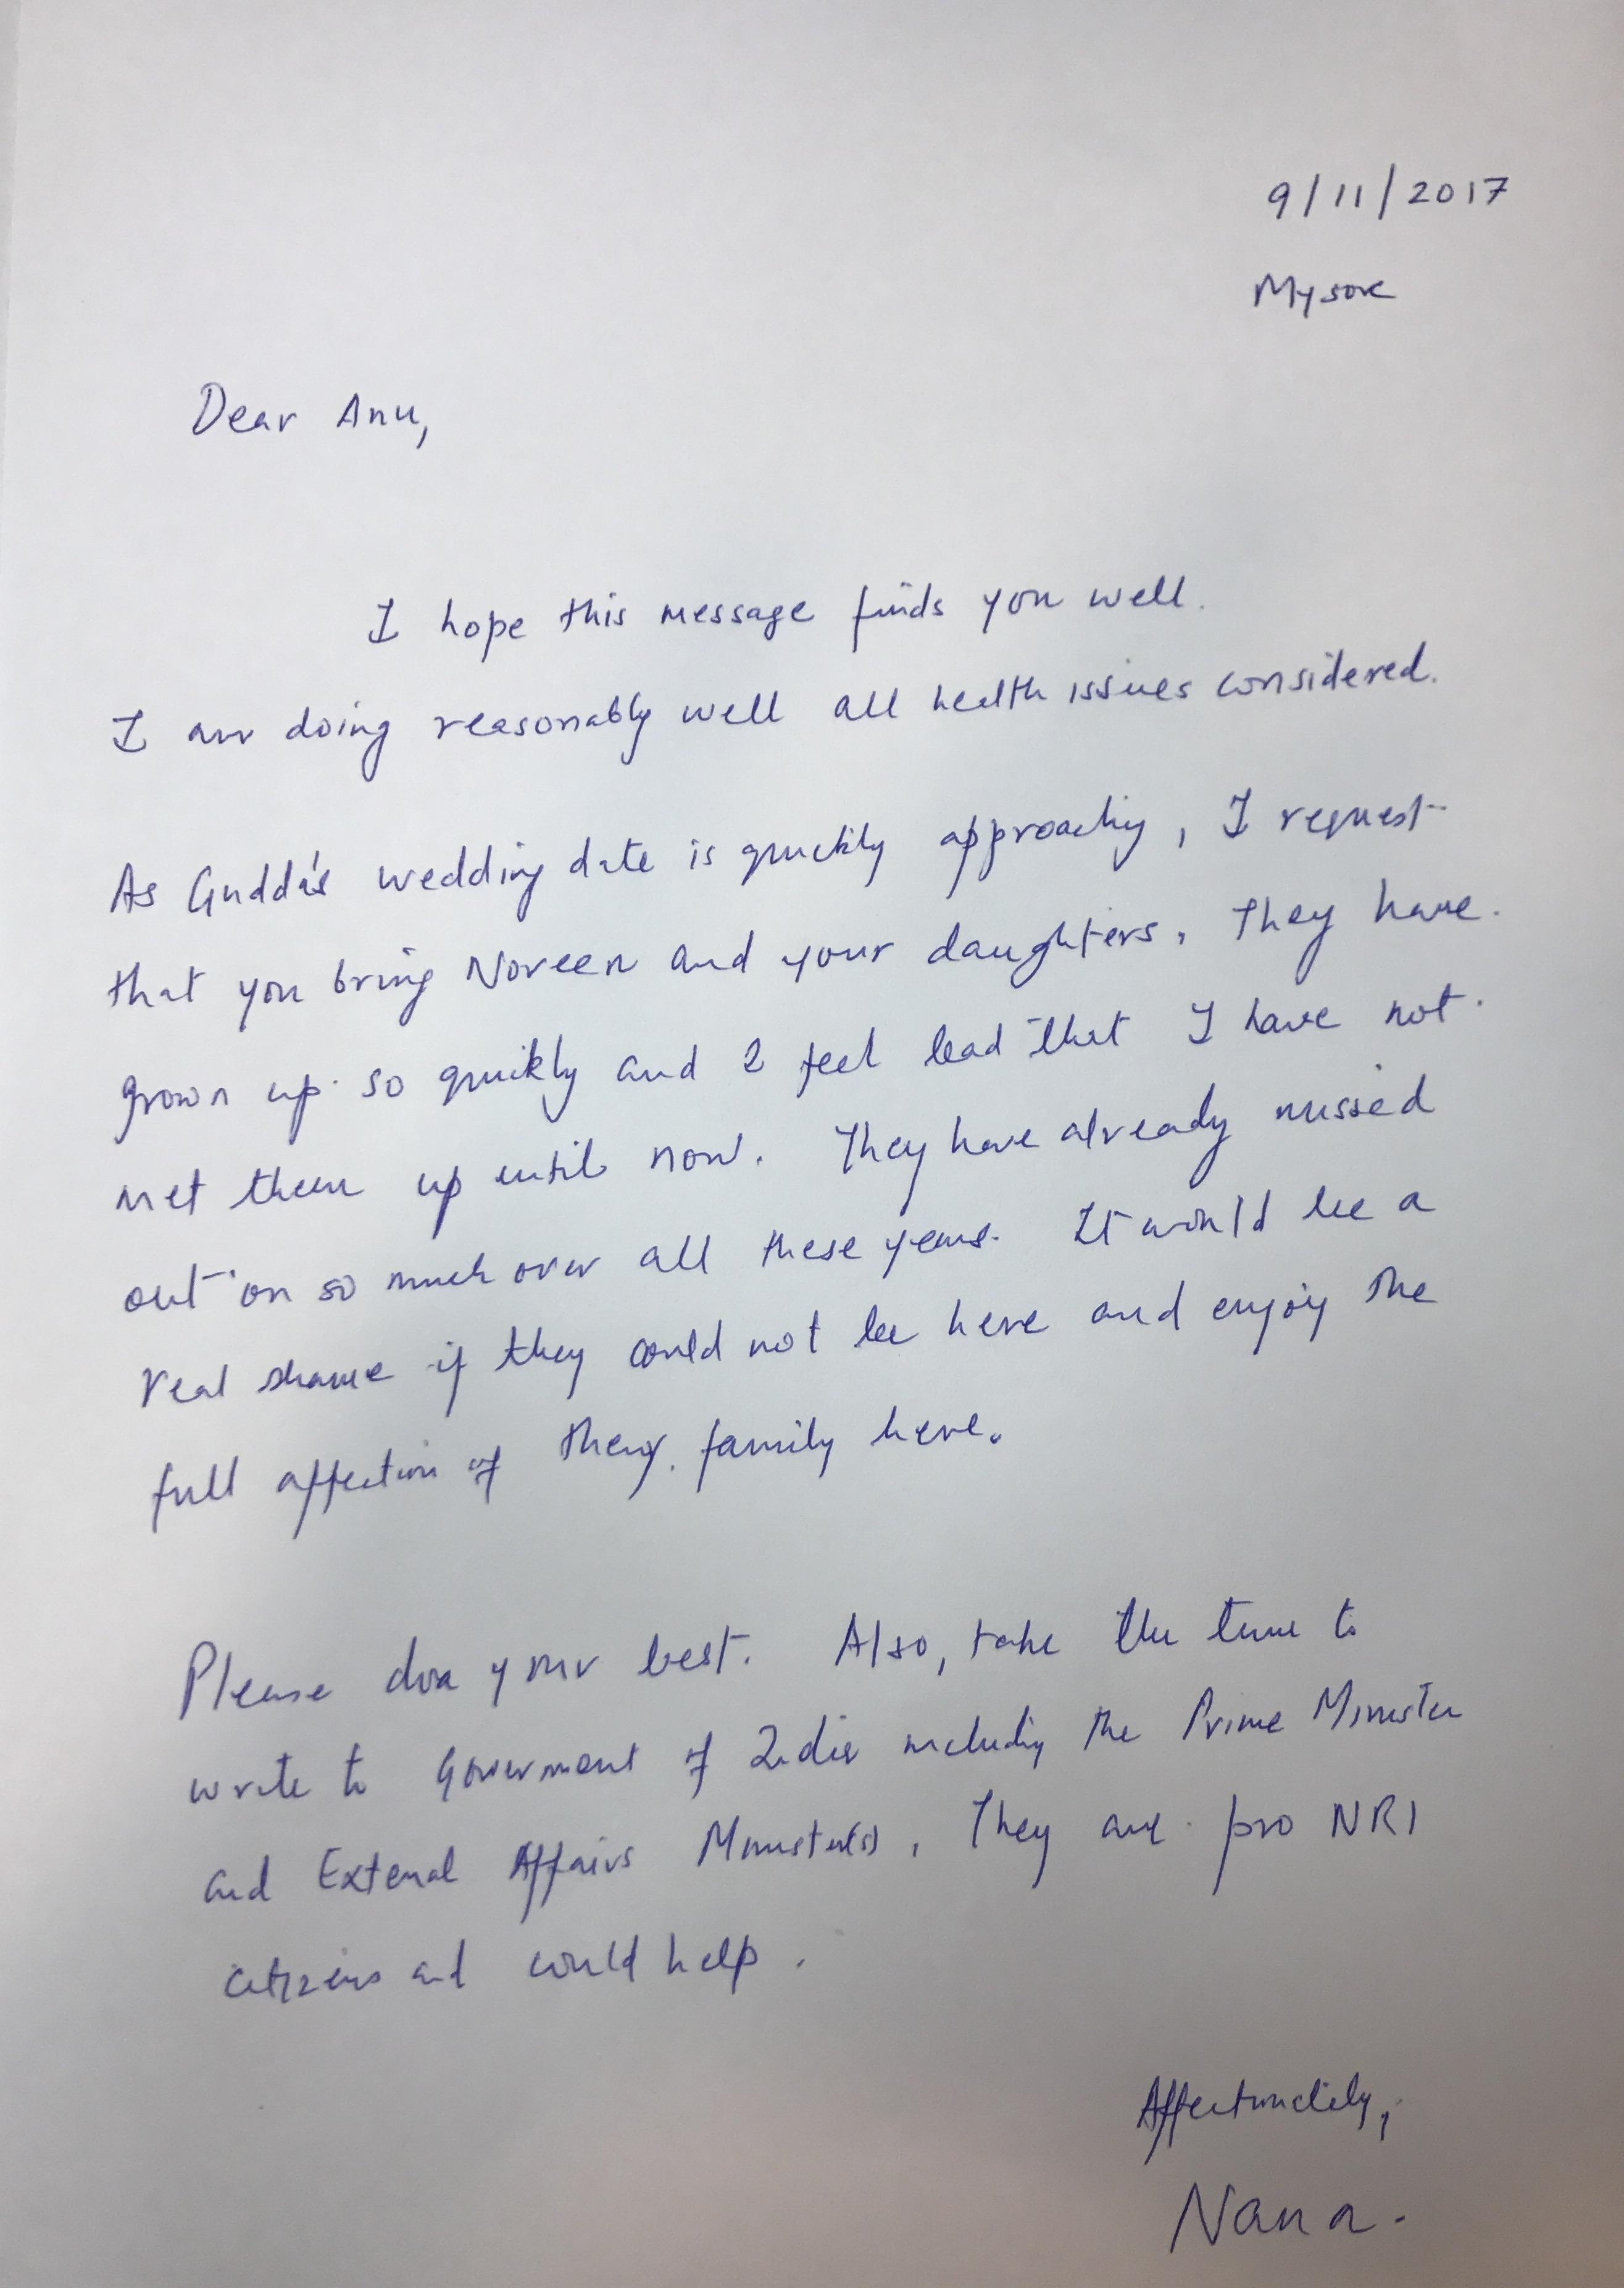 Nanas_Letter___20171209040026___.jpg